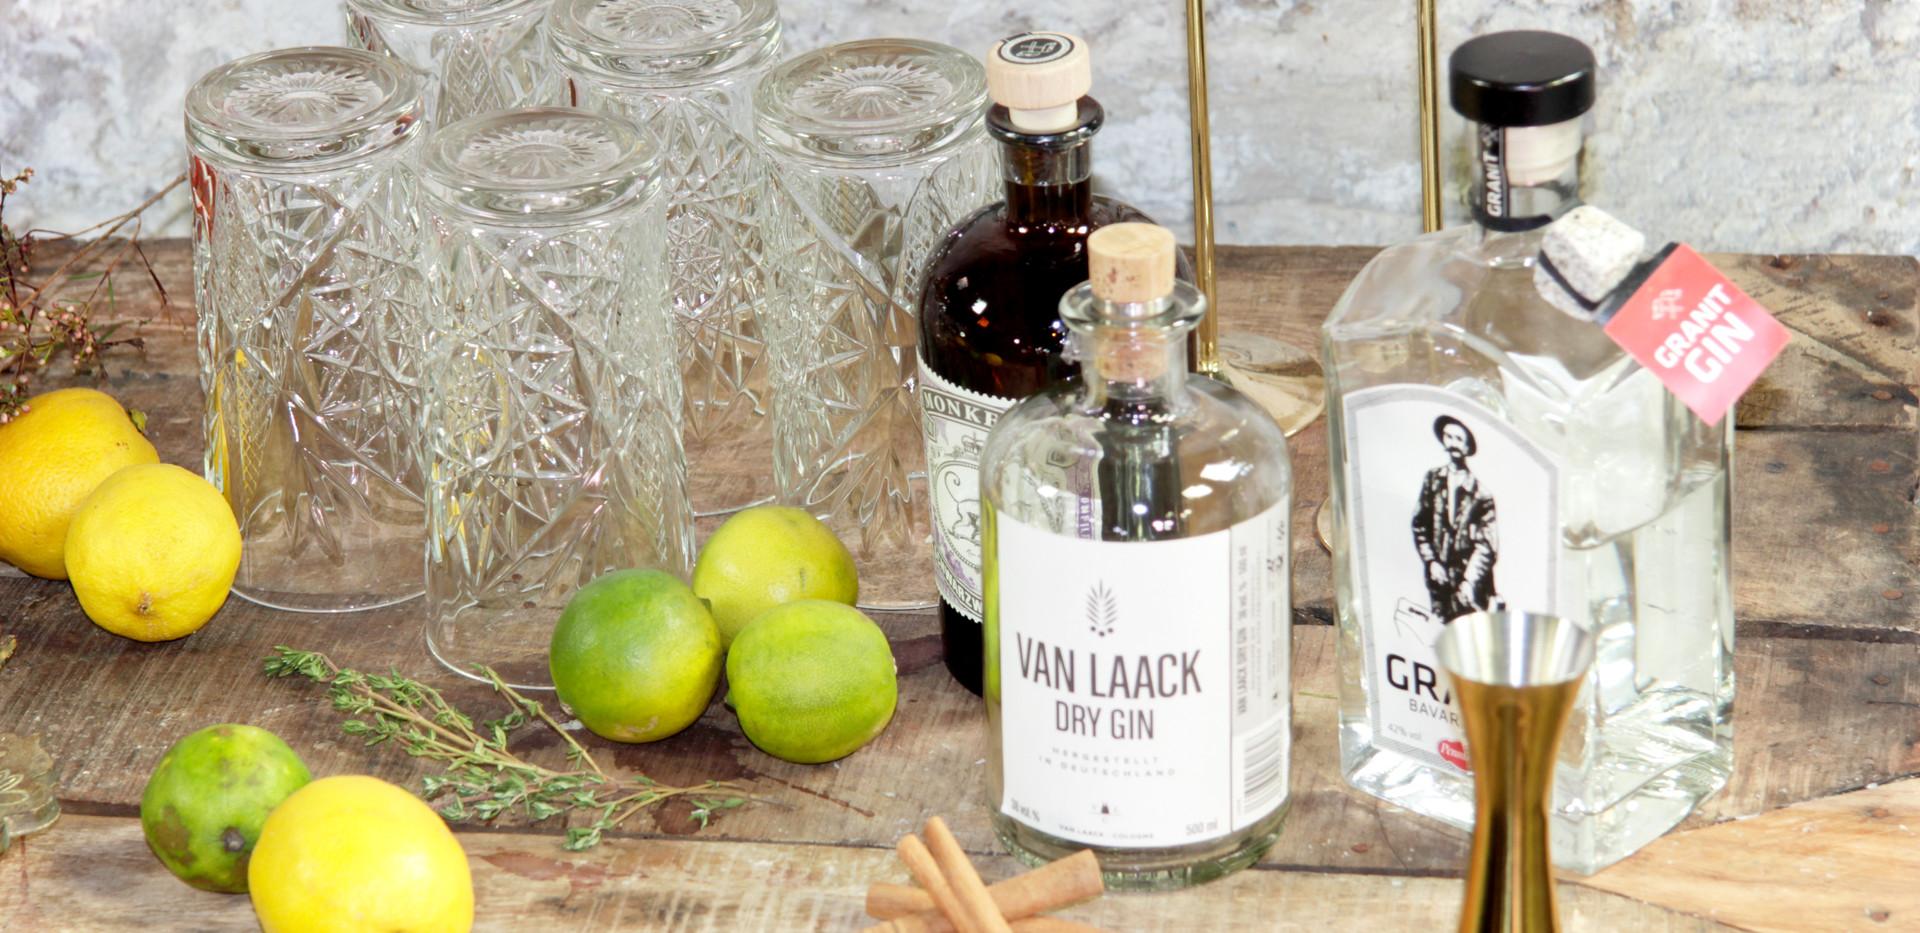 Leere Ginflaschen (Deko) - Stk. 1,00 Euro